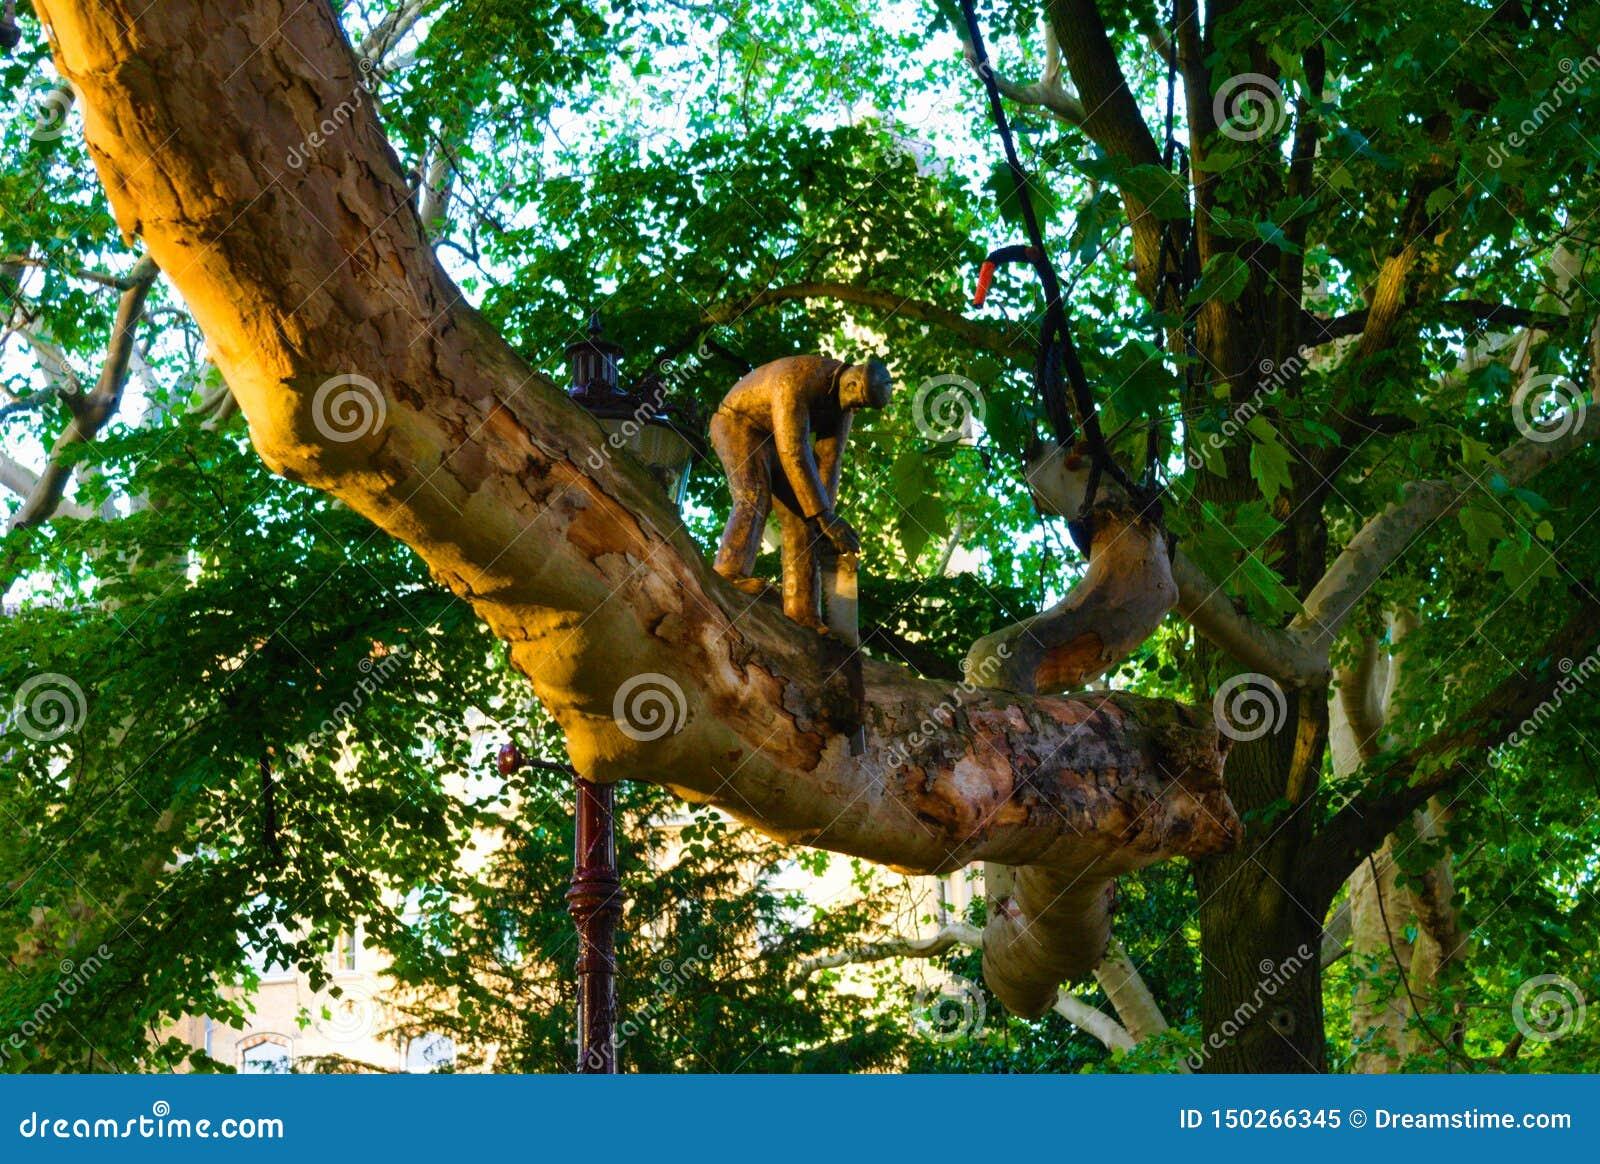 Estatueta do ferro fundido de um homem com uma serra que reduz um ramo